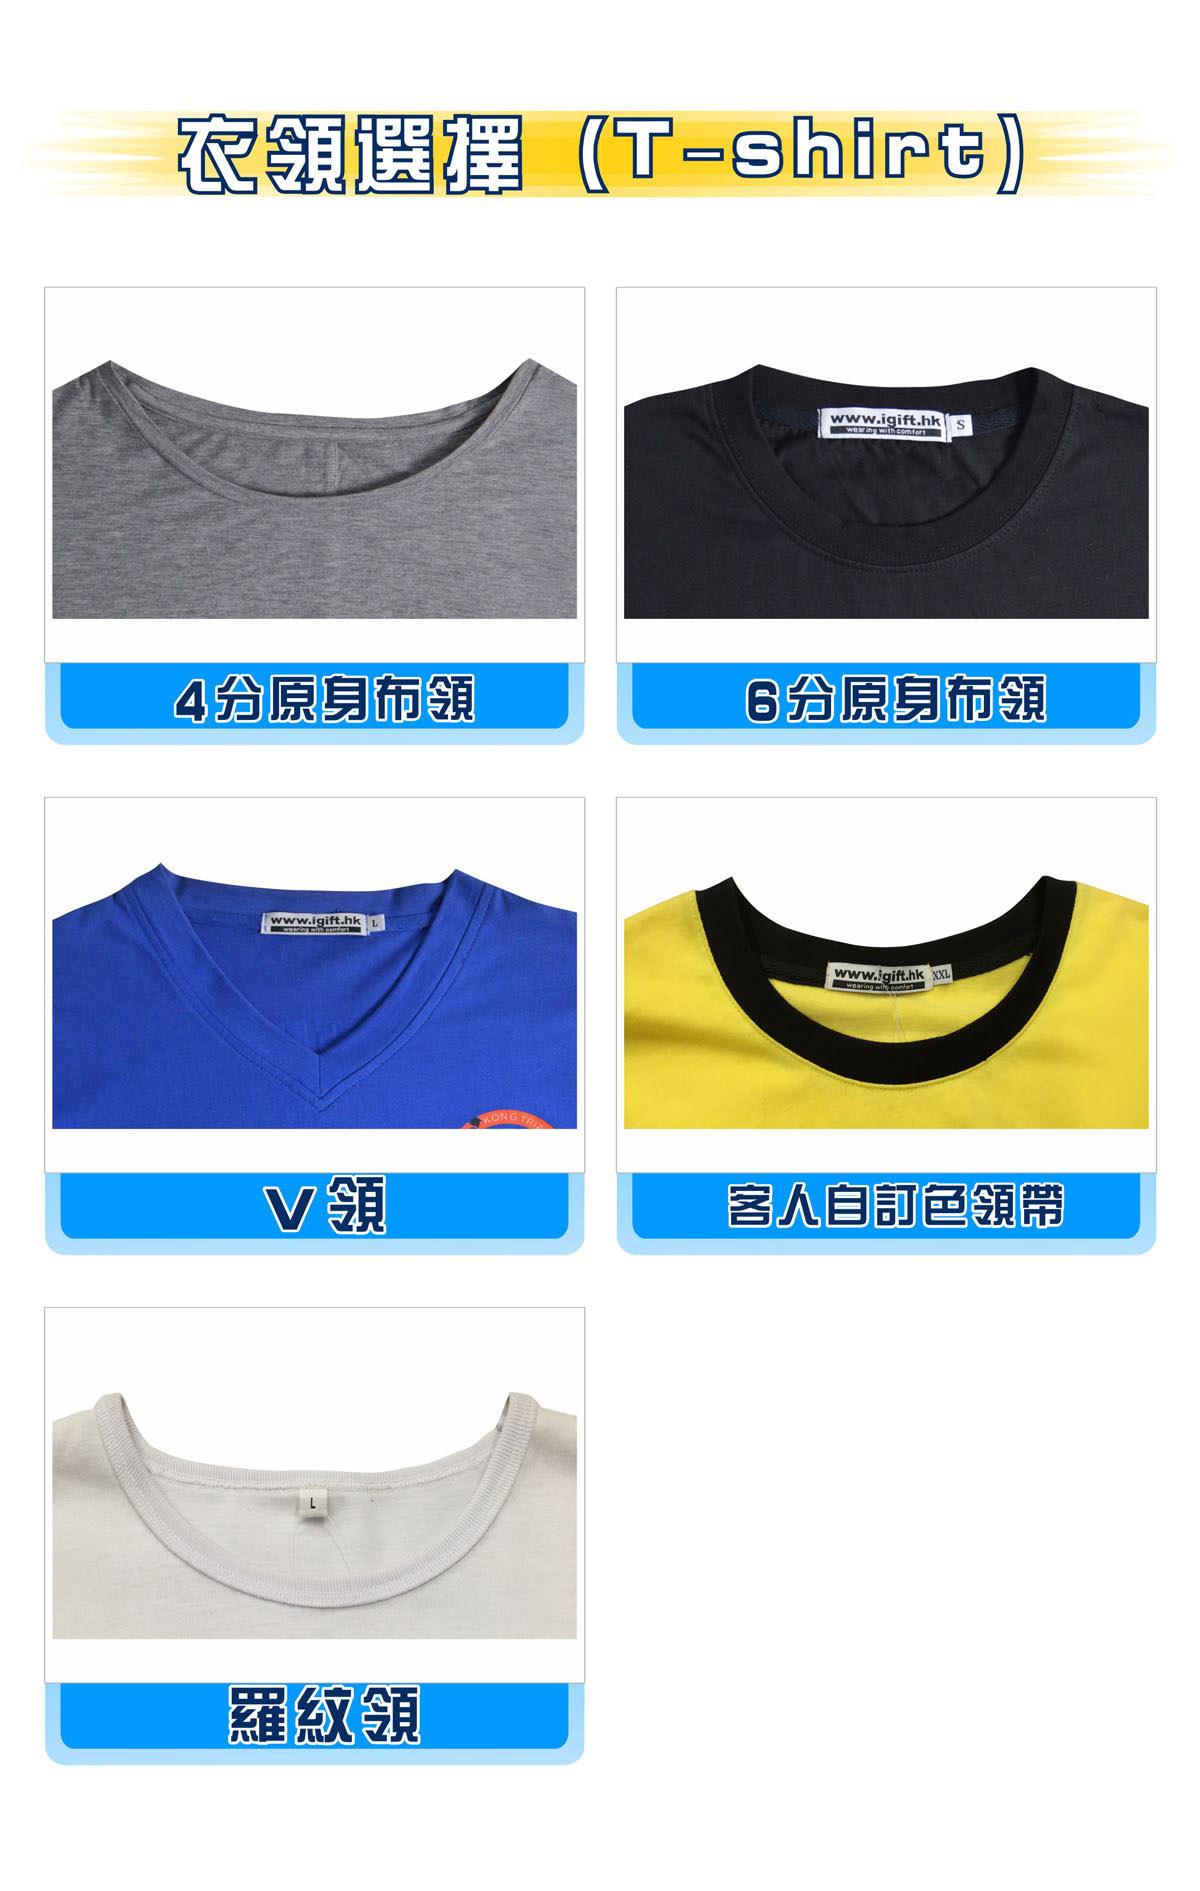 衣領選擇T-shirt